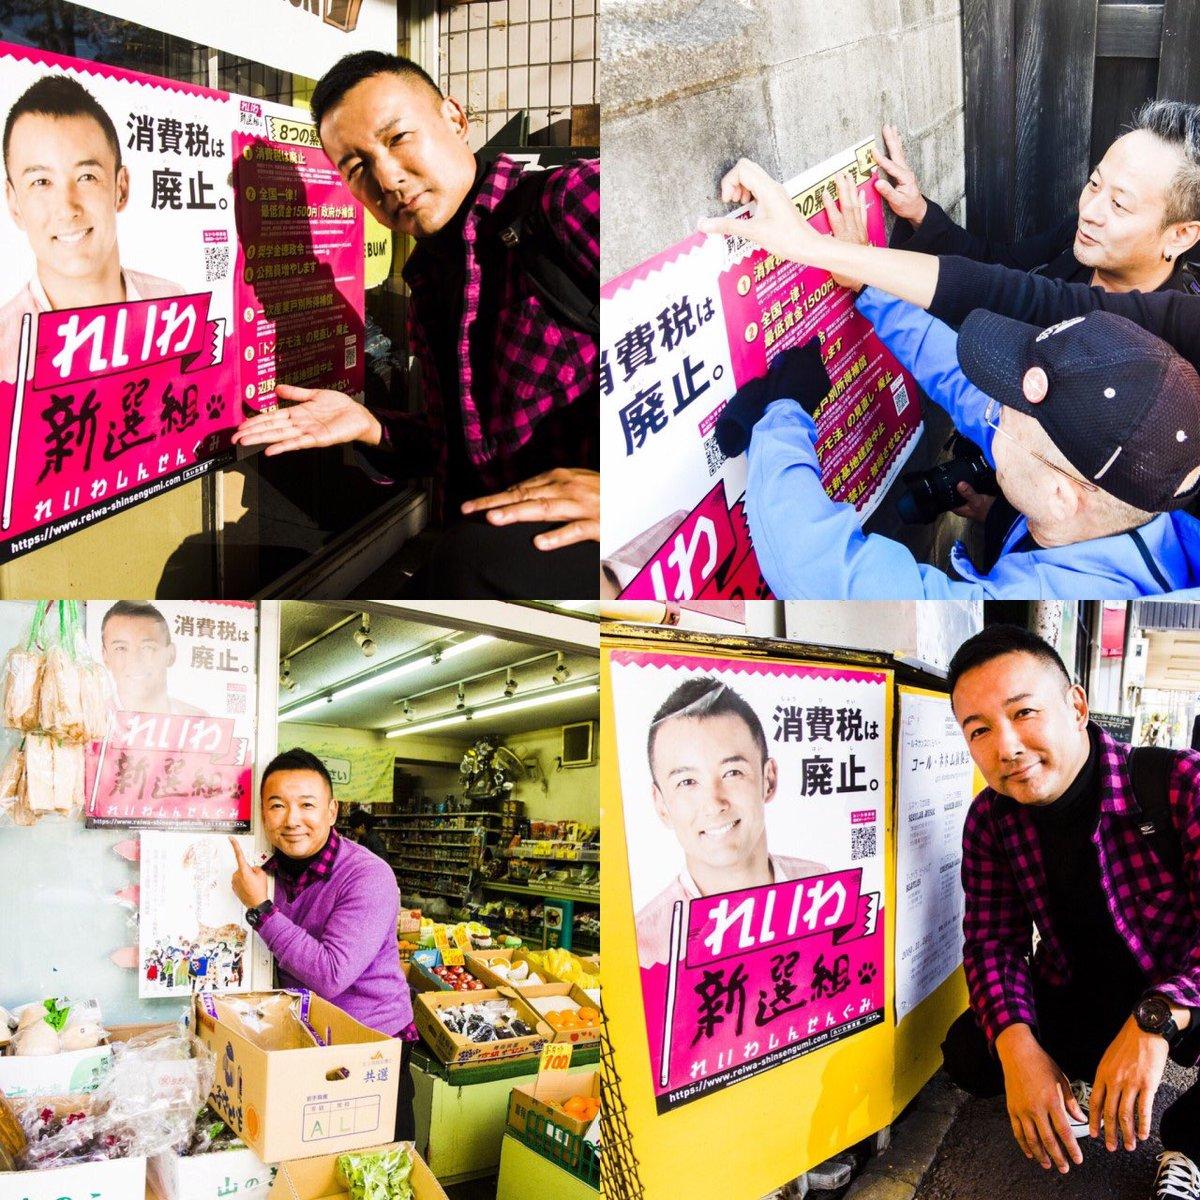 【ポスター掲示依頼!】 昨日は #東北 #盛岡 に伺いました。ありがとうございました!  ポスターはウェブサイトからお申込み頂くとお届けいたします。 http://poster.reiwa-shinsengumi.com  ボランティア登録も大募集中です! http://reiwa-shinsengumi.com/volunteer/   #山本太郎 #れいわが始まる #岩手 #岩手県